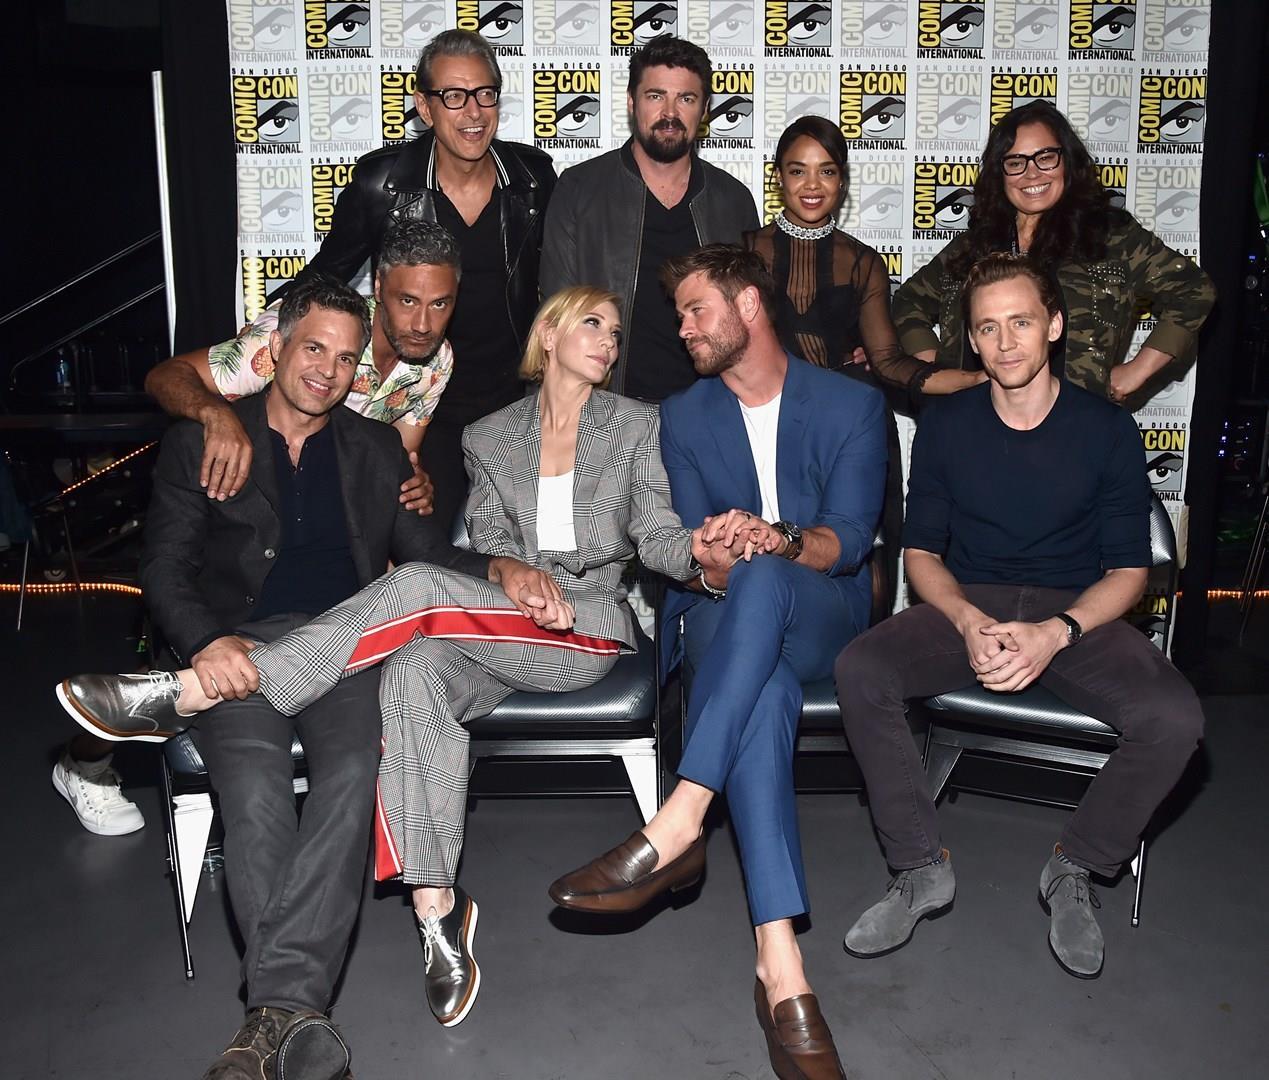 Il cast di Thor: Ragnarok al Comic-Con di San Diego 2017